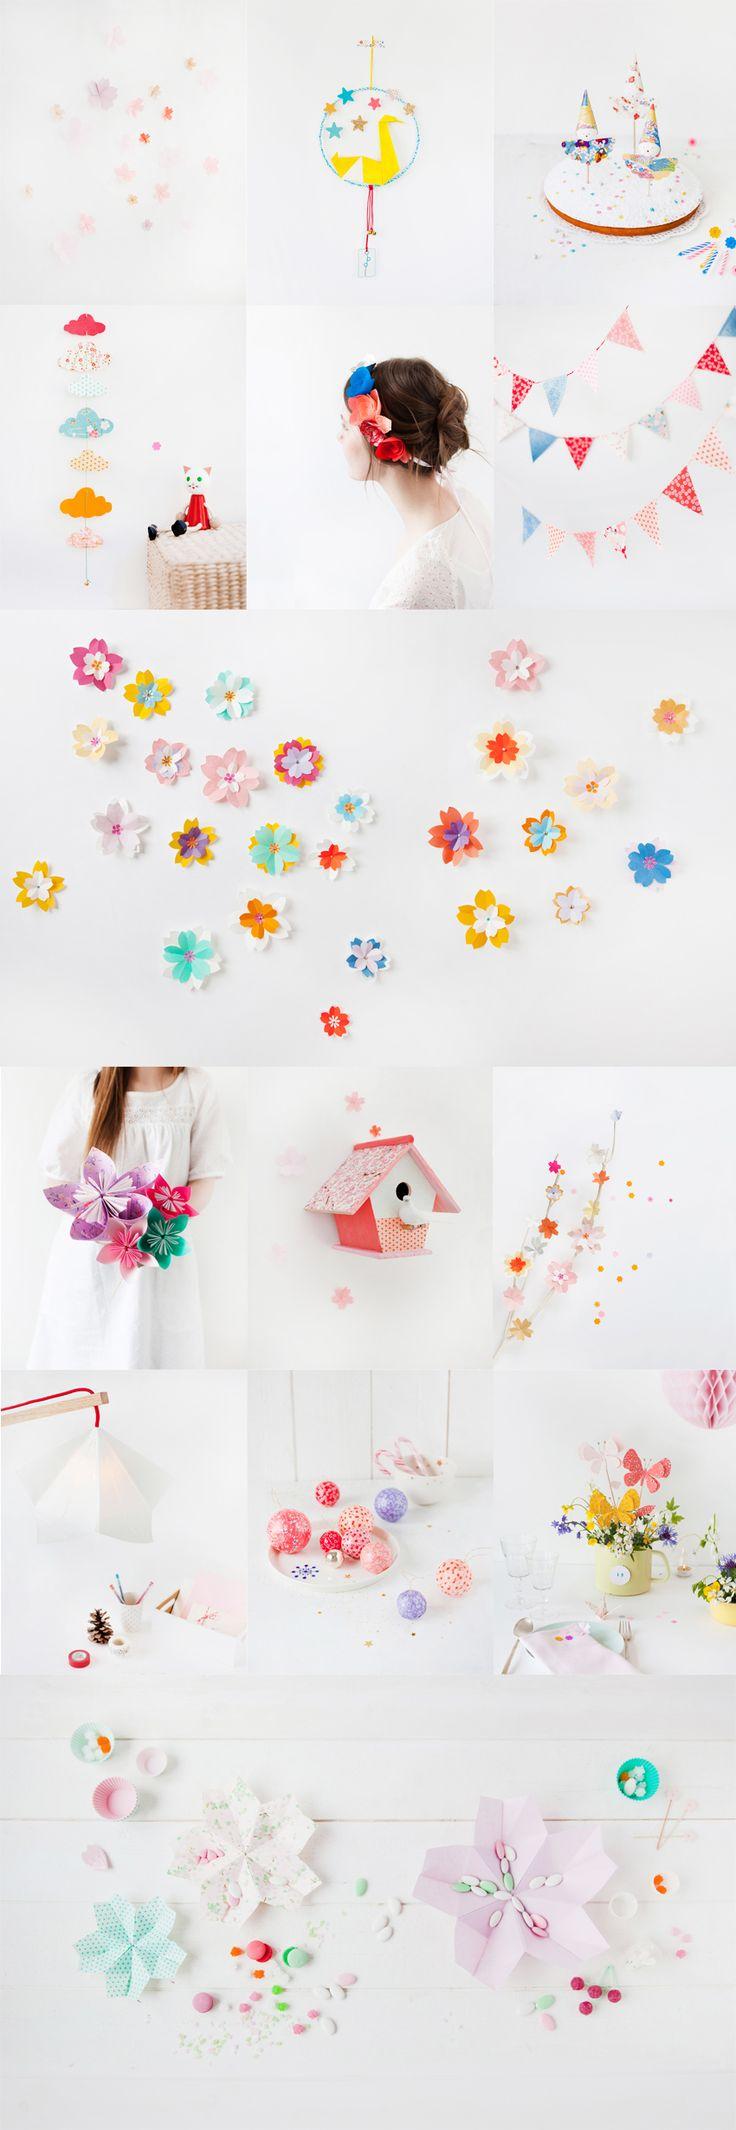 DIY paper decorations ...^^^  griottes.fr_livre_fetepapier3